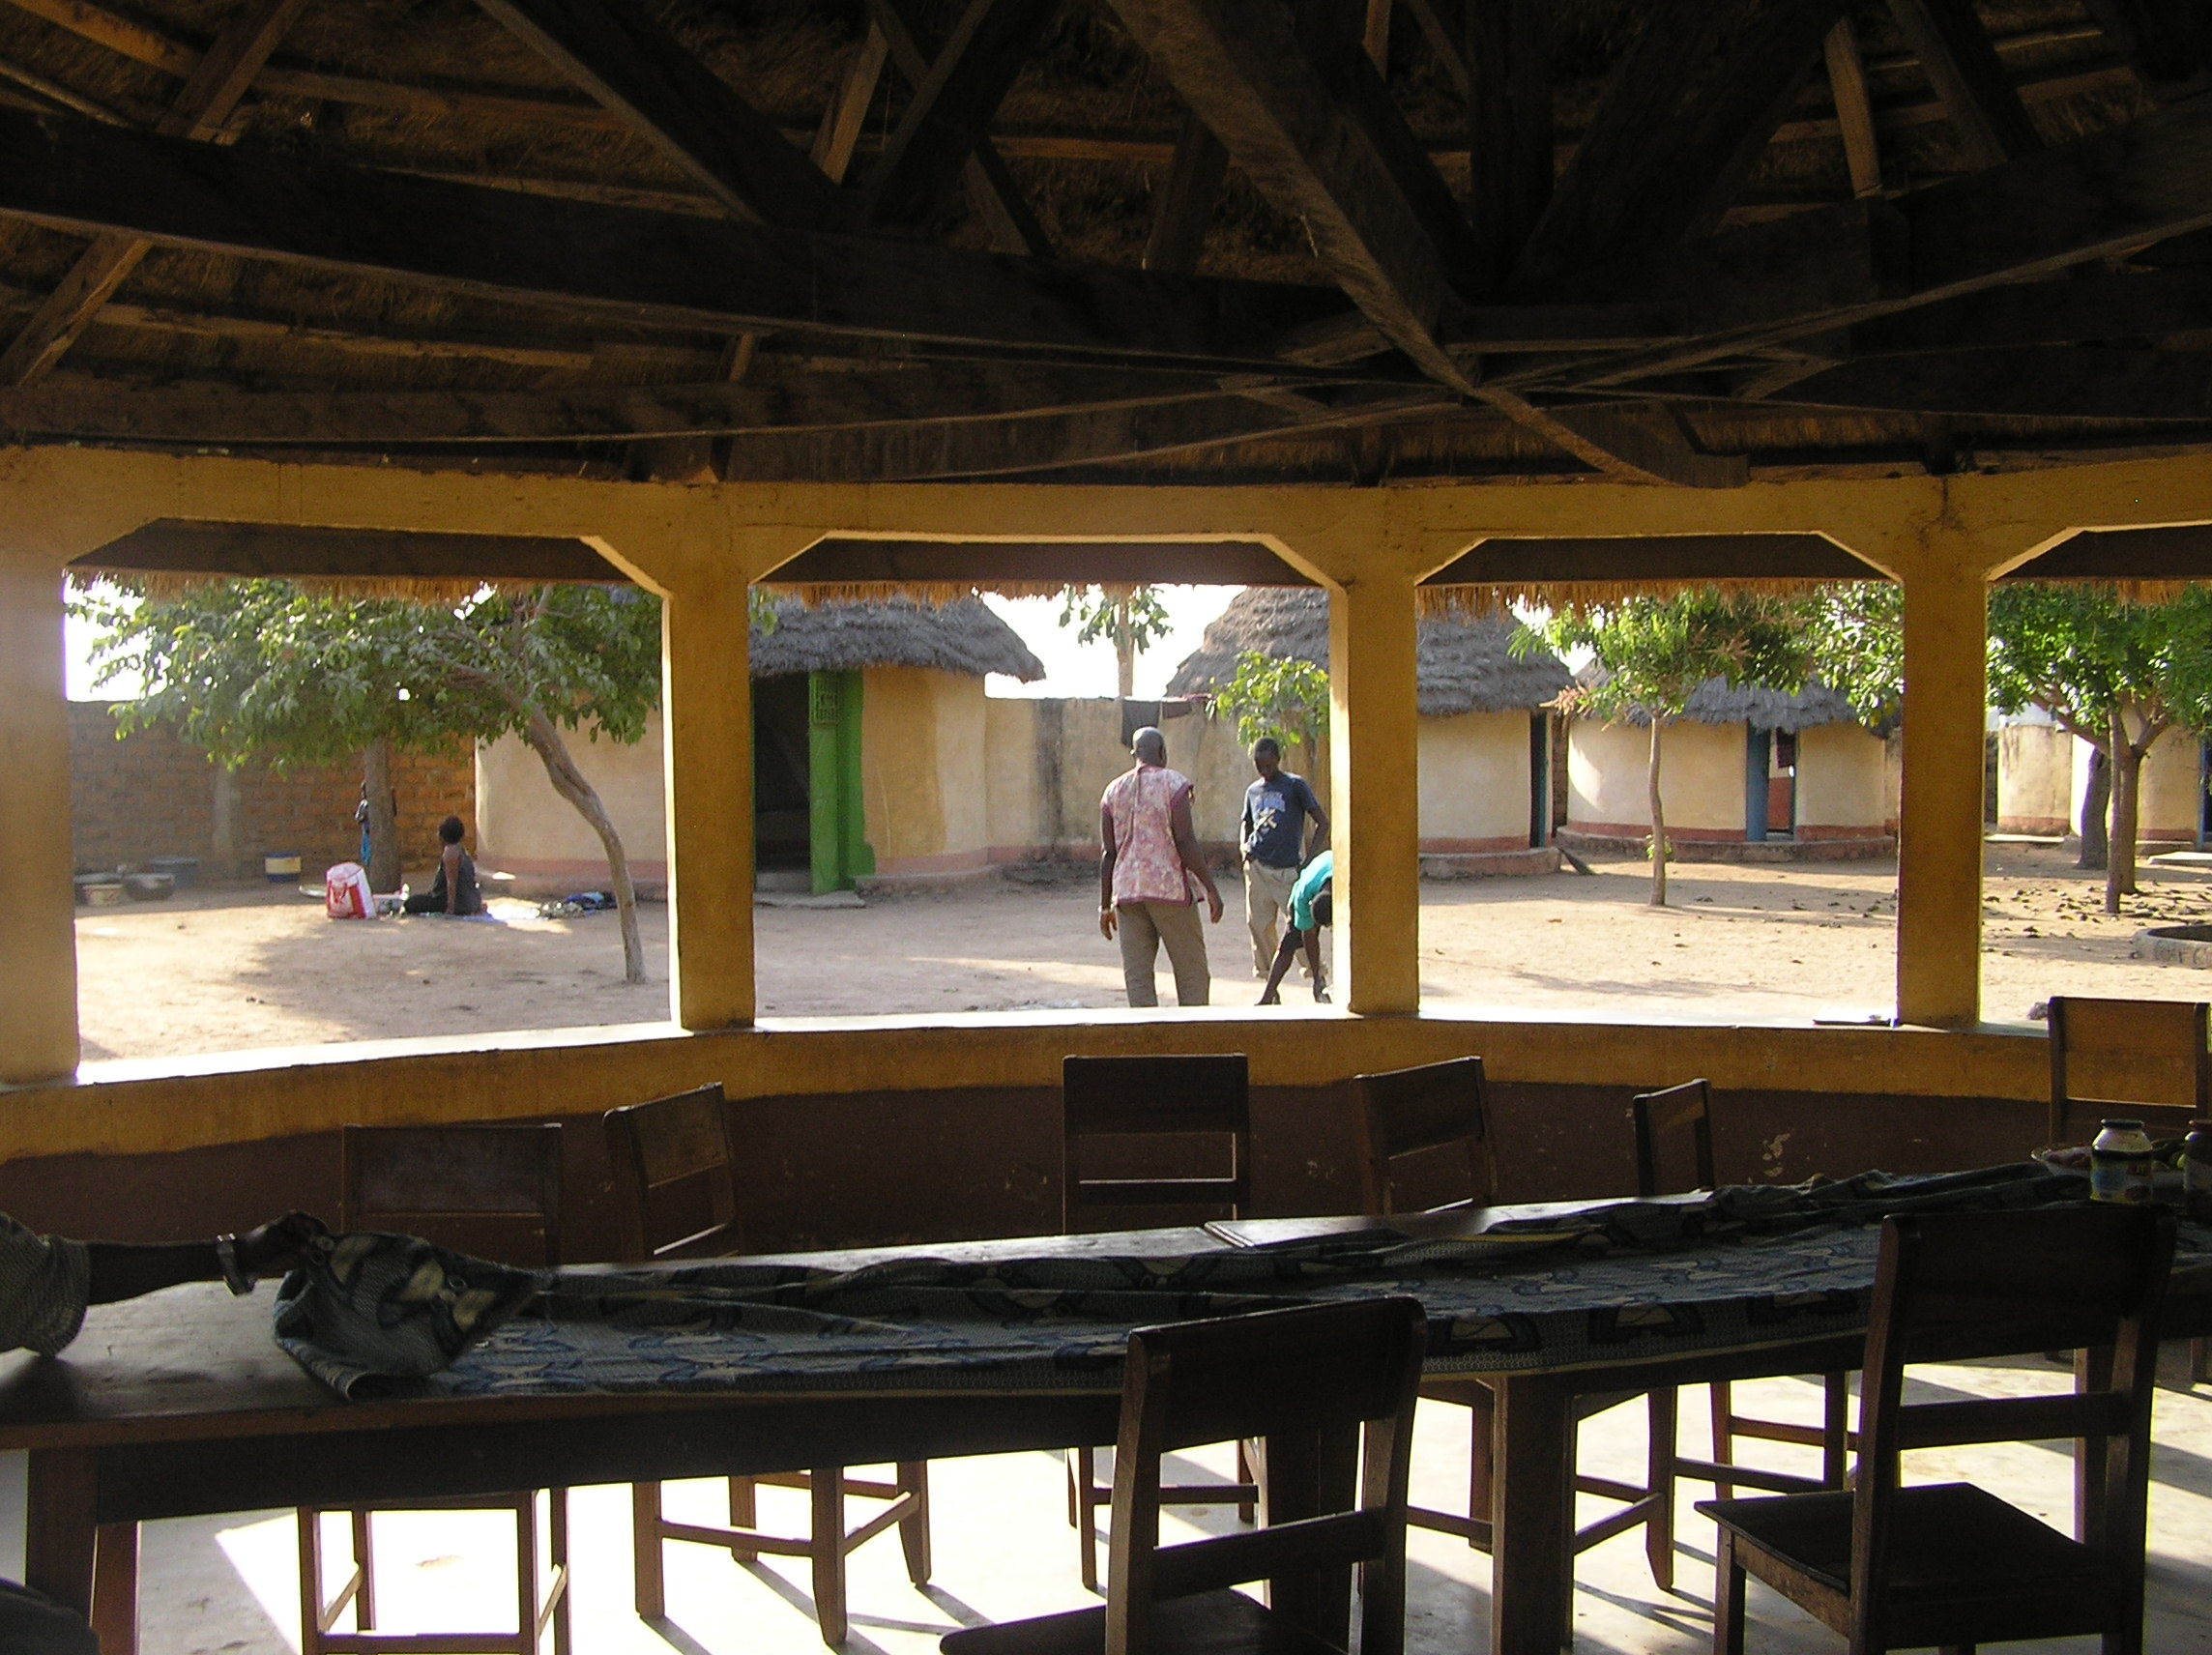 Foto Baro - Blick aus dem Treffpunkt auf dem Workshop-Platz